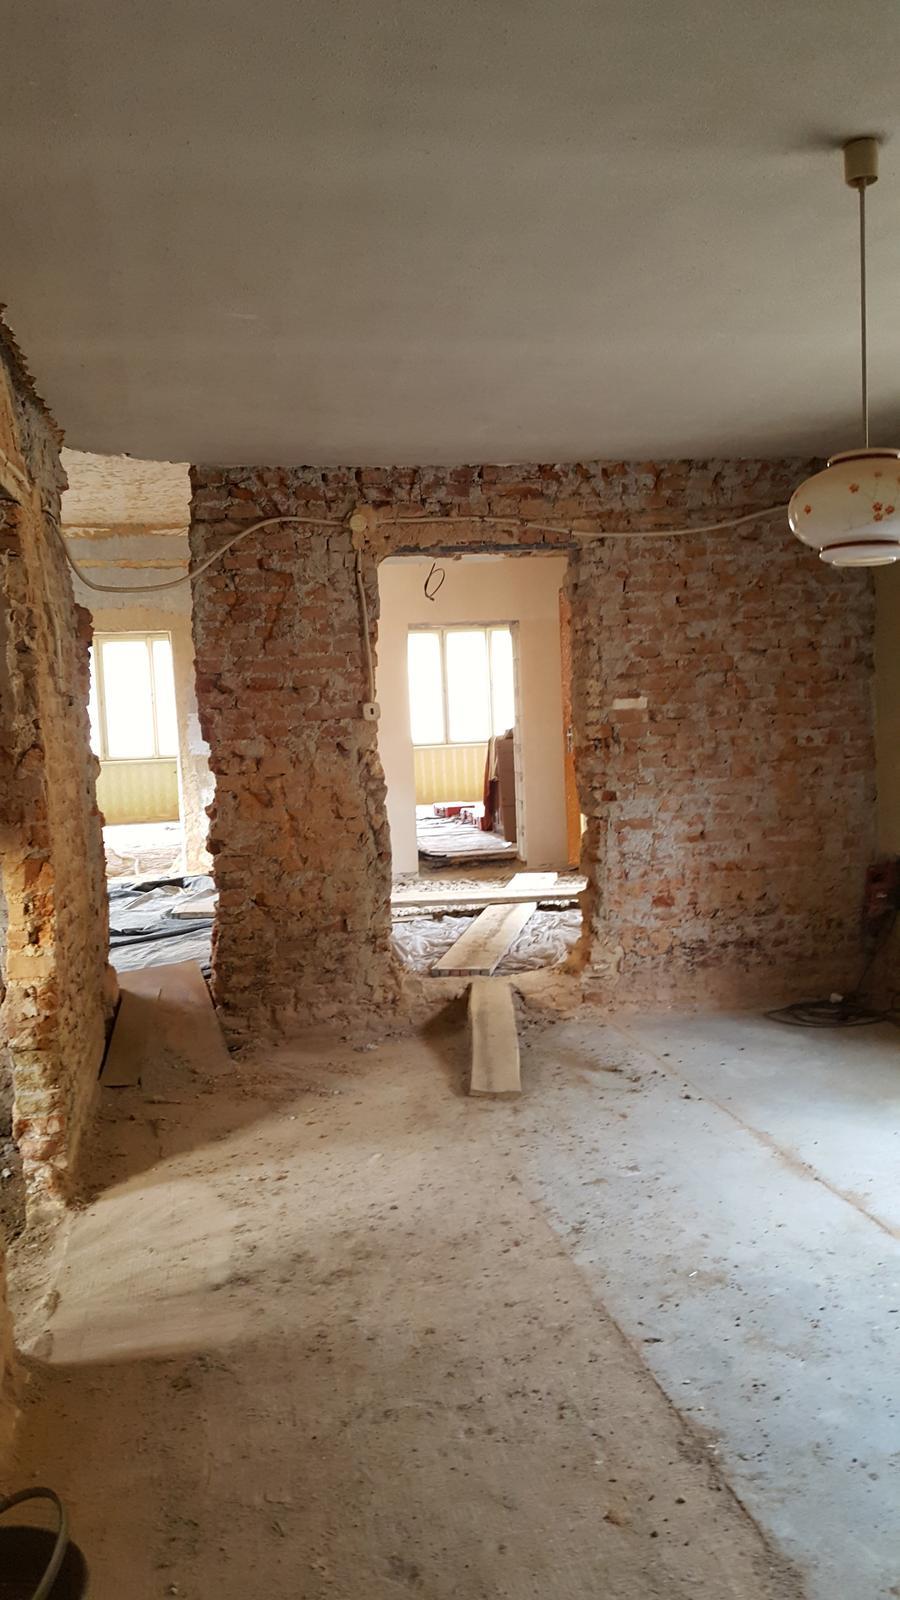 Prerabka domu v historickom centre - dnes sa bude riesit preklad kedze priestor na komin sa musi rozsirit a povodny otvor na dvere posunut,takze to vyzera ze cela stena pojde dole